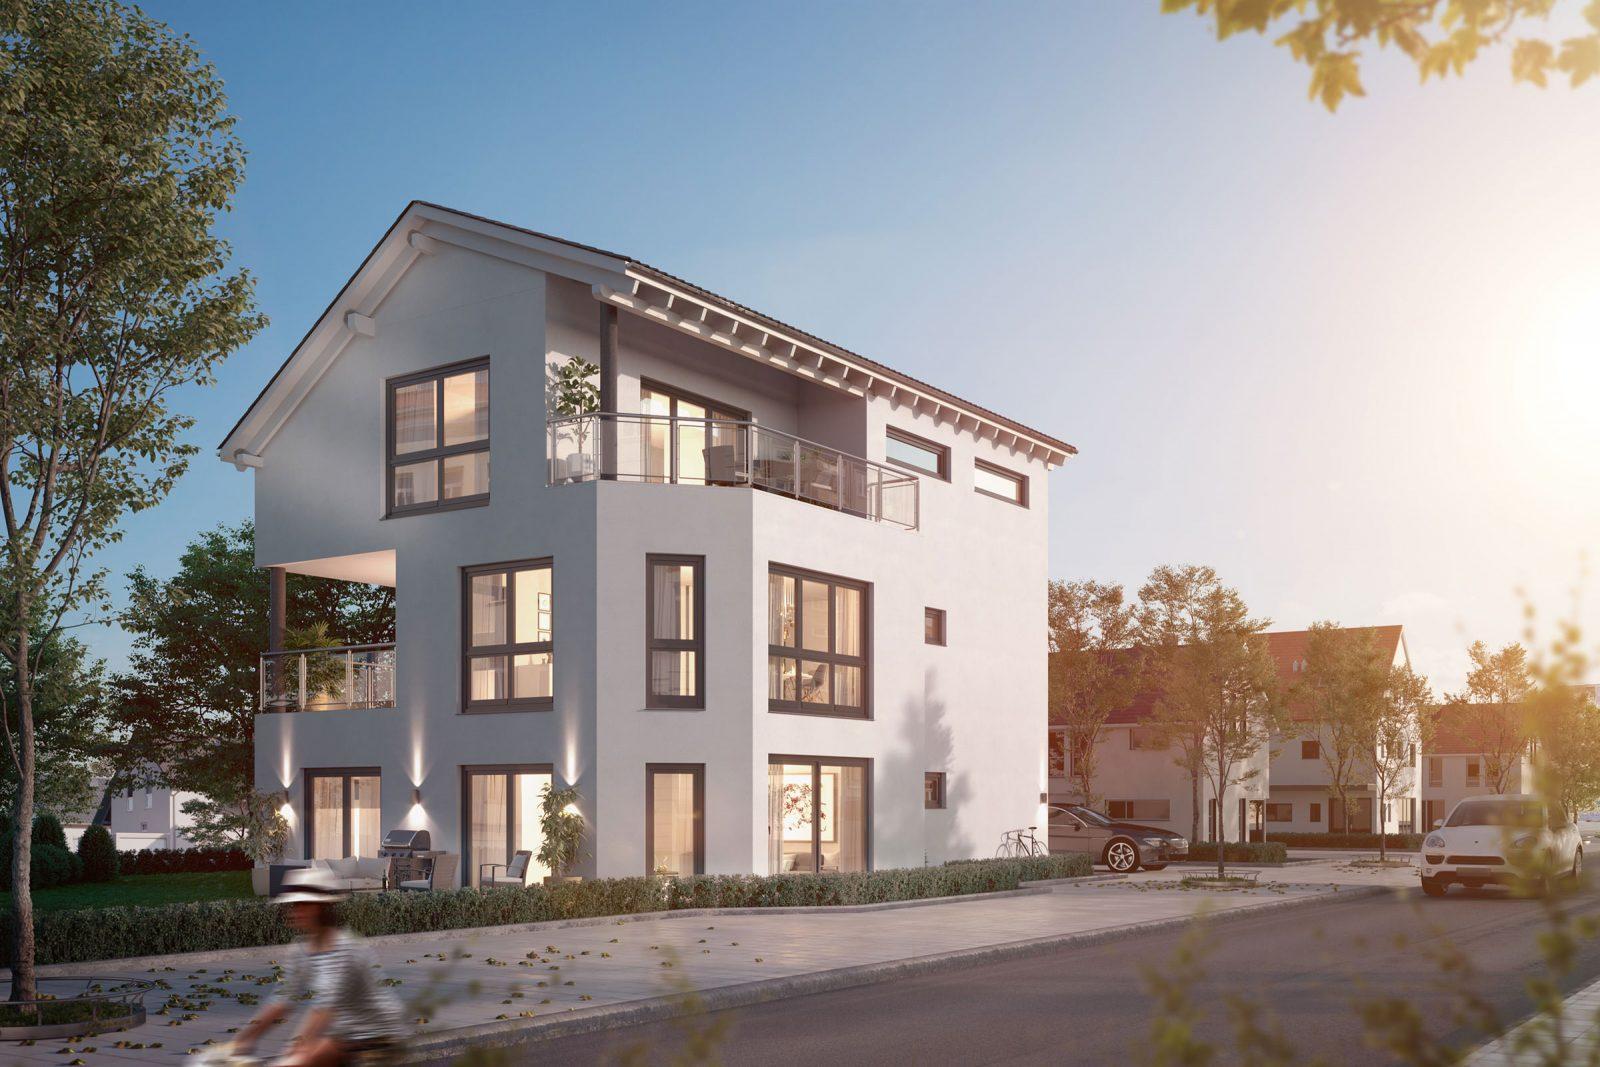 WeberHaus Mehrfamilienhaus 3D Rendering